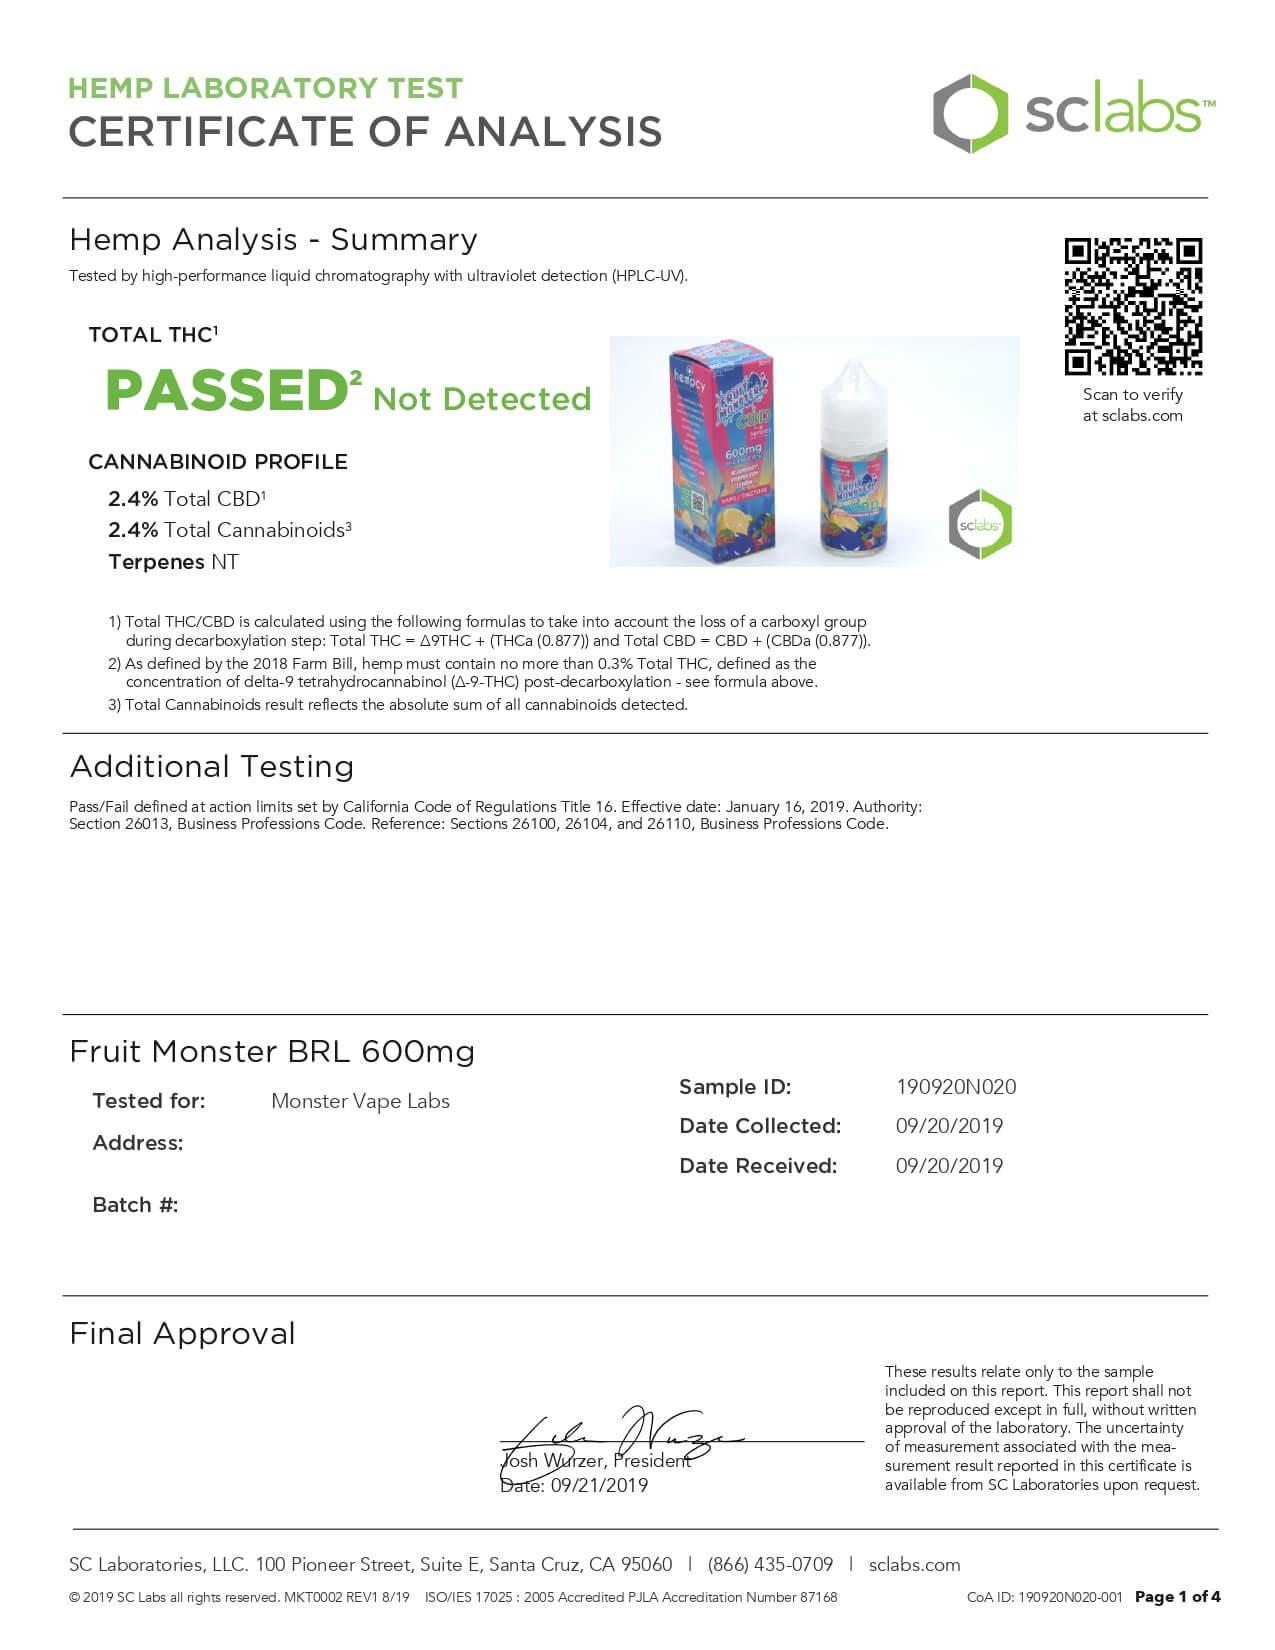 Fruit Monster CBD Vape Blueberry Raspberry Lemon 600mg Lab Report